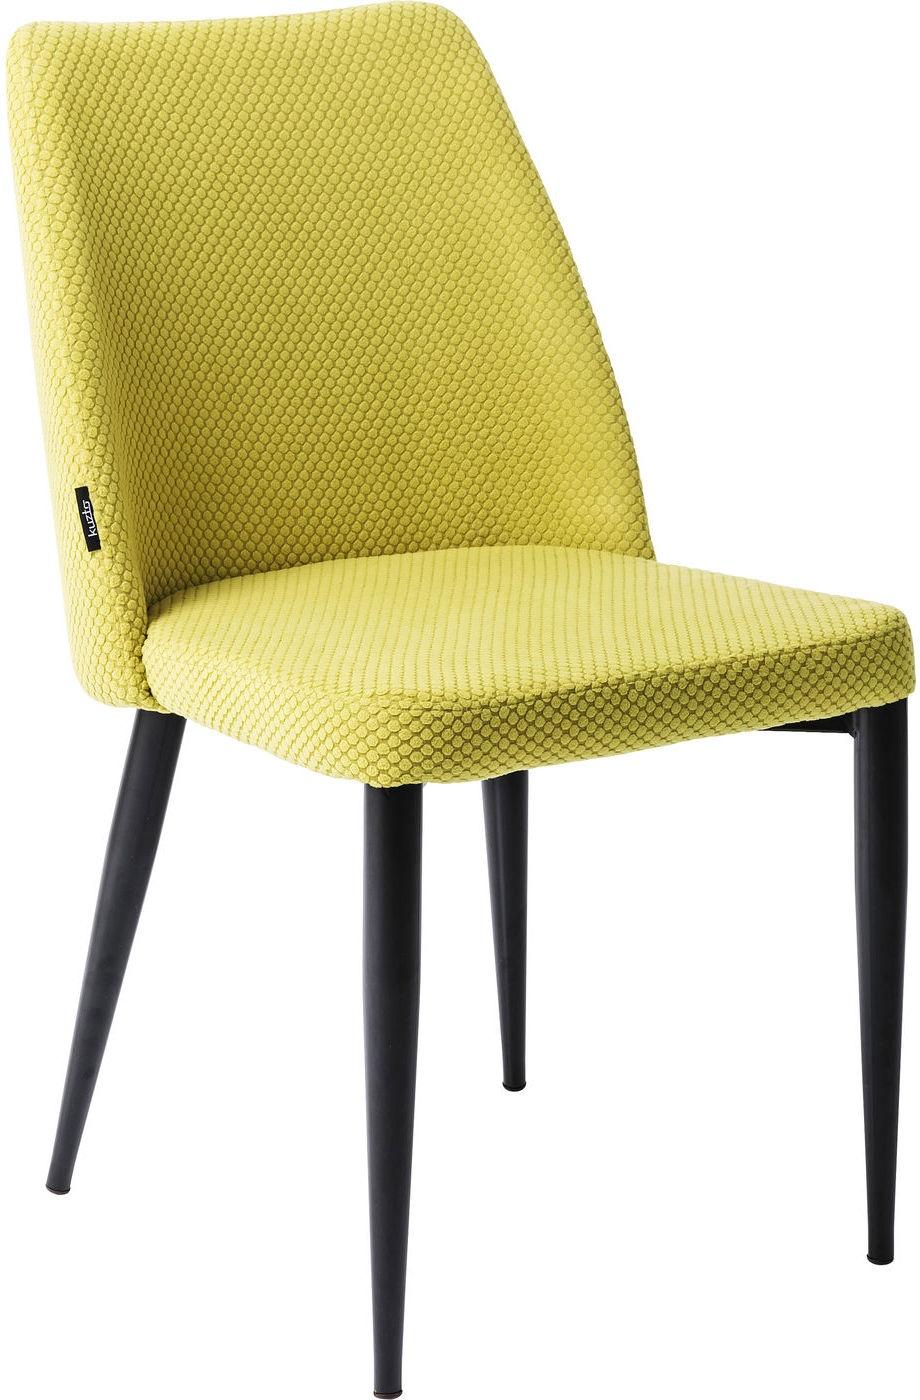 Kare design stoelen kopen online internetwinkel for Design 24 stoelen